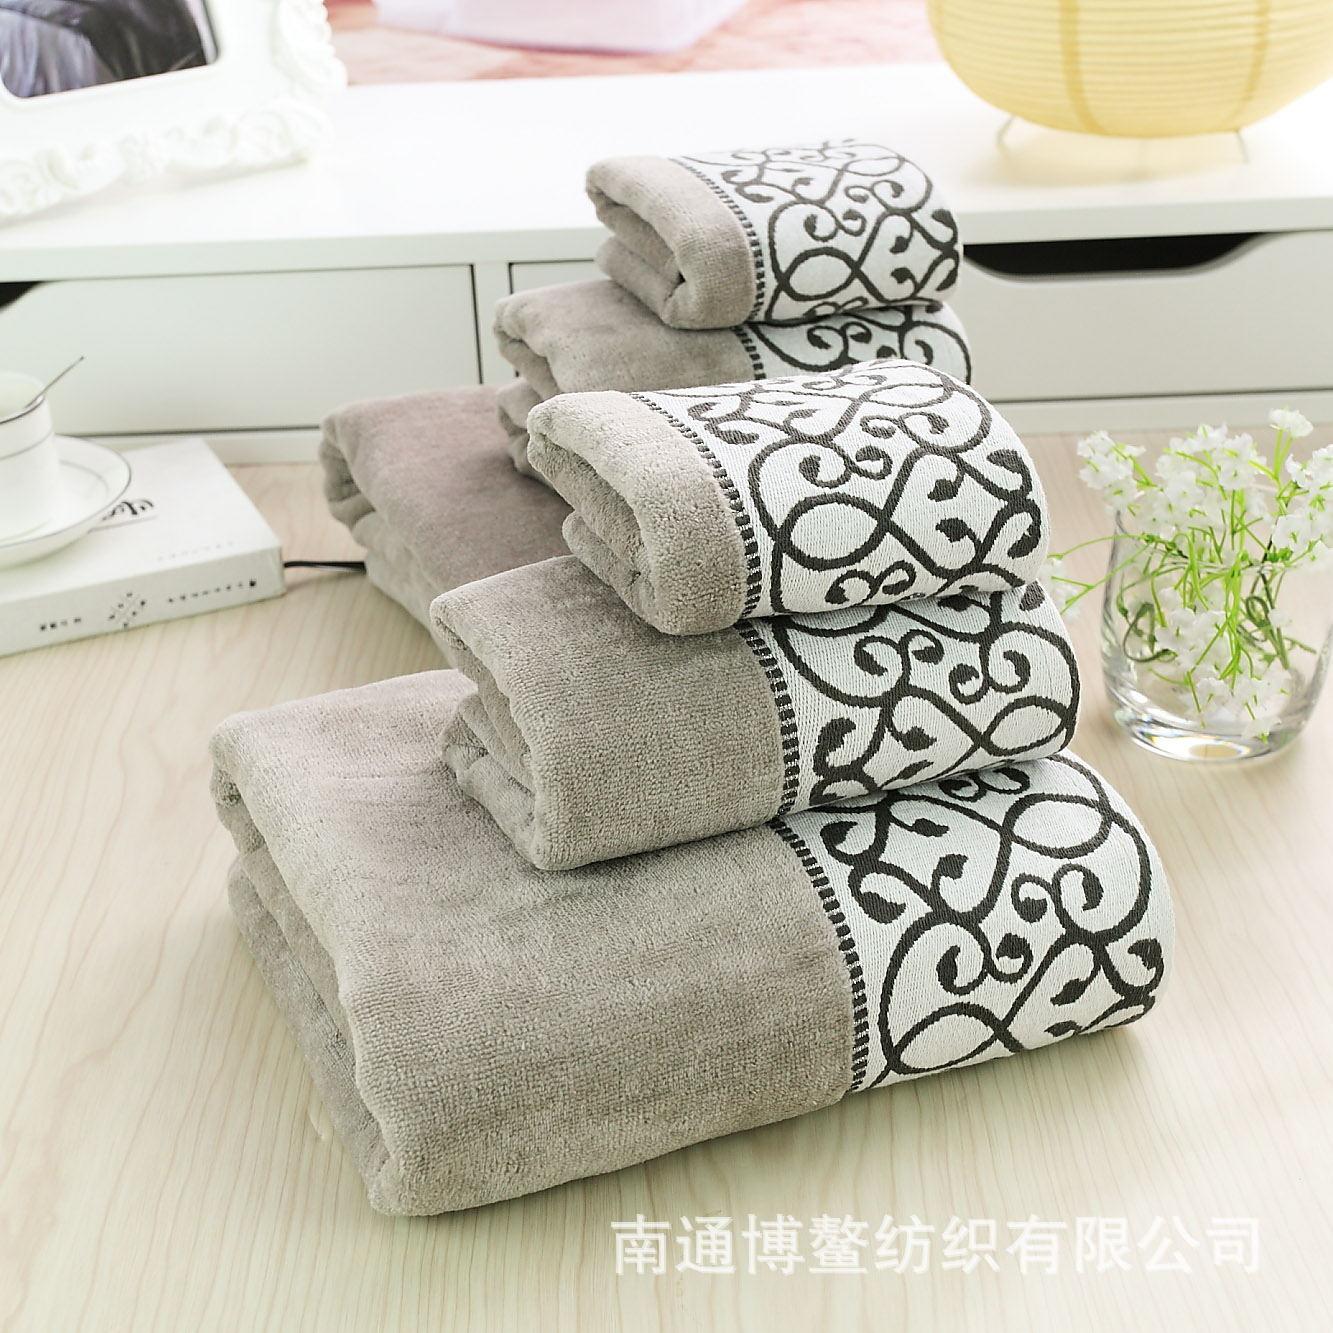 decorative bathroom towels 15 por - Decorative Bath Towels